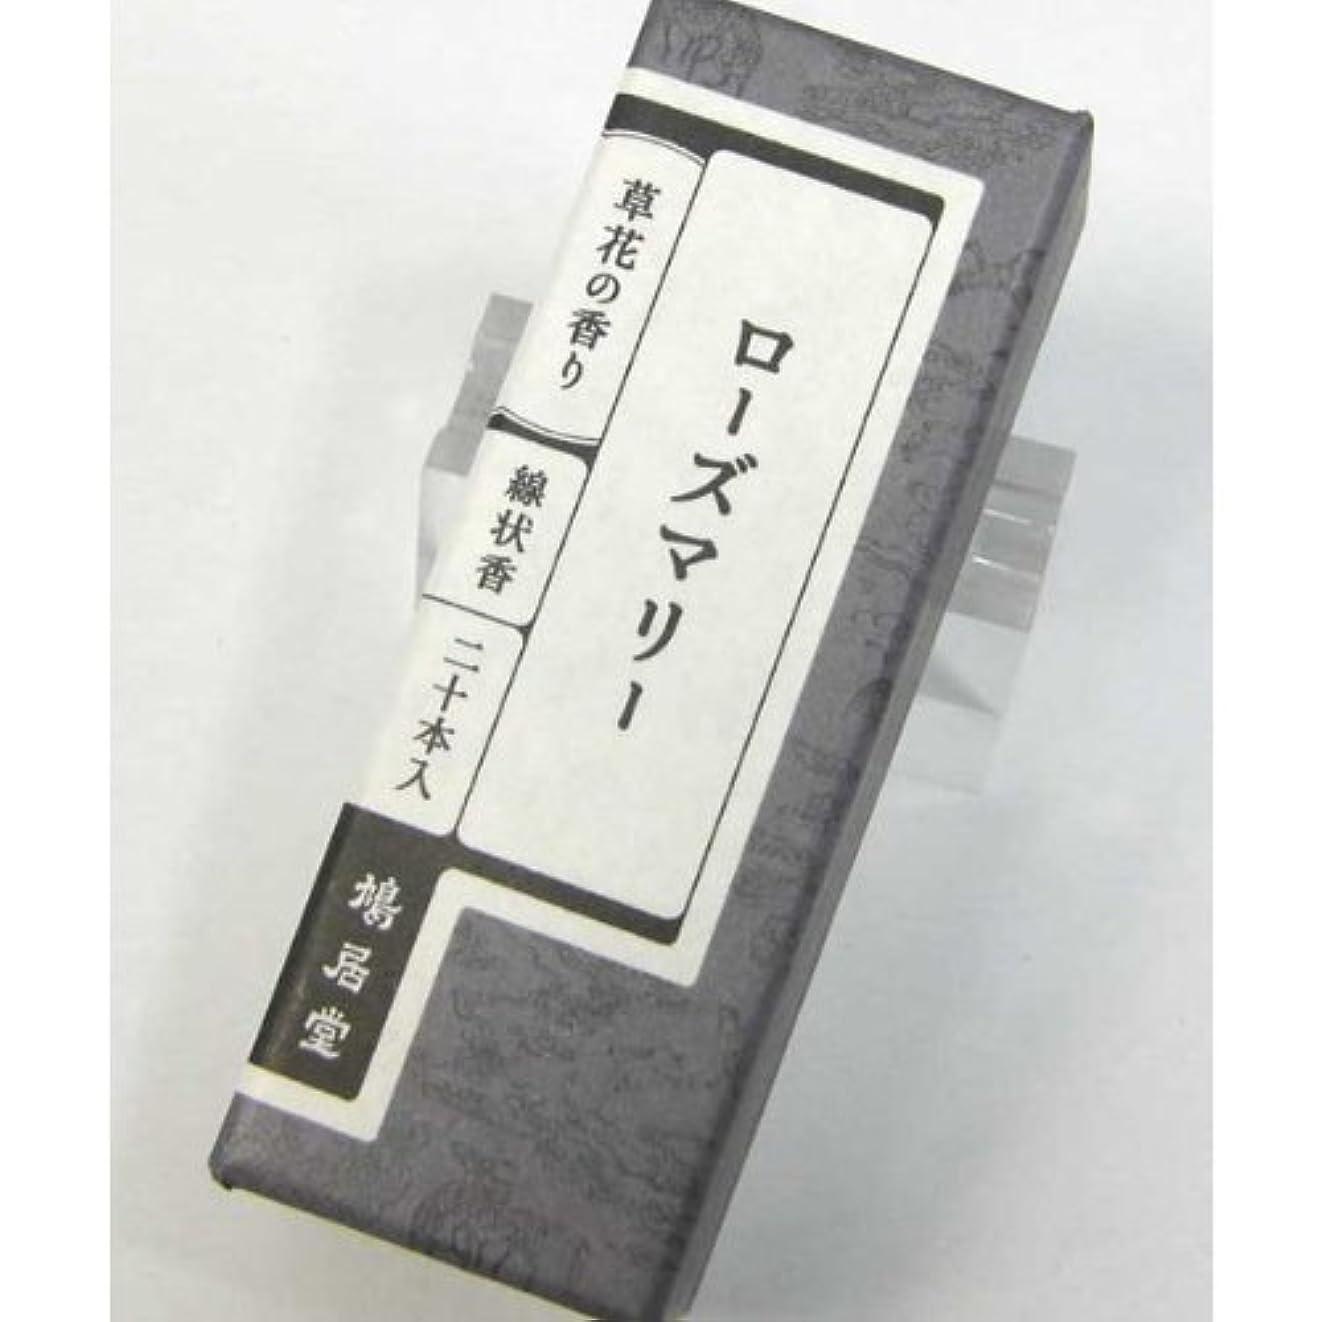 ペンスラッカスセント鳩居堂 お香 ローズマリー 草花の香りシリーズ スティックタイプ(棒状香)20本いり